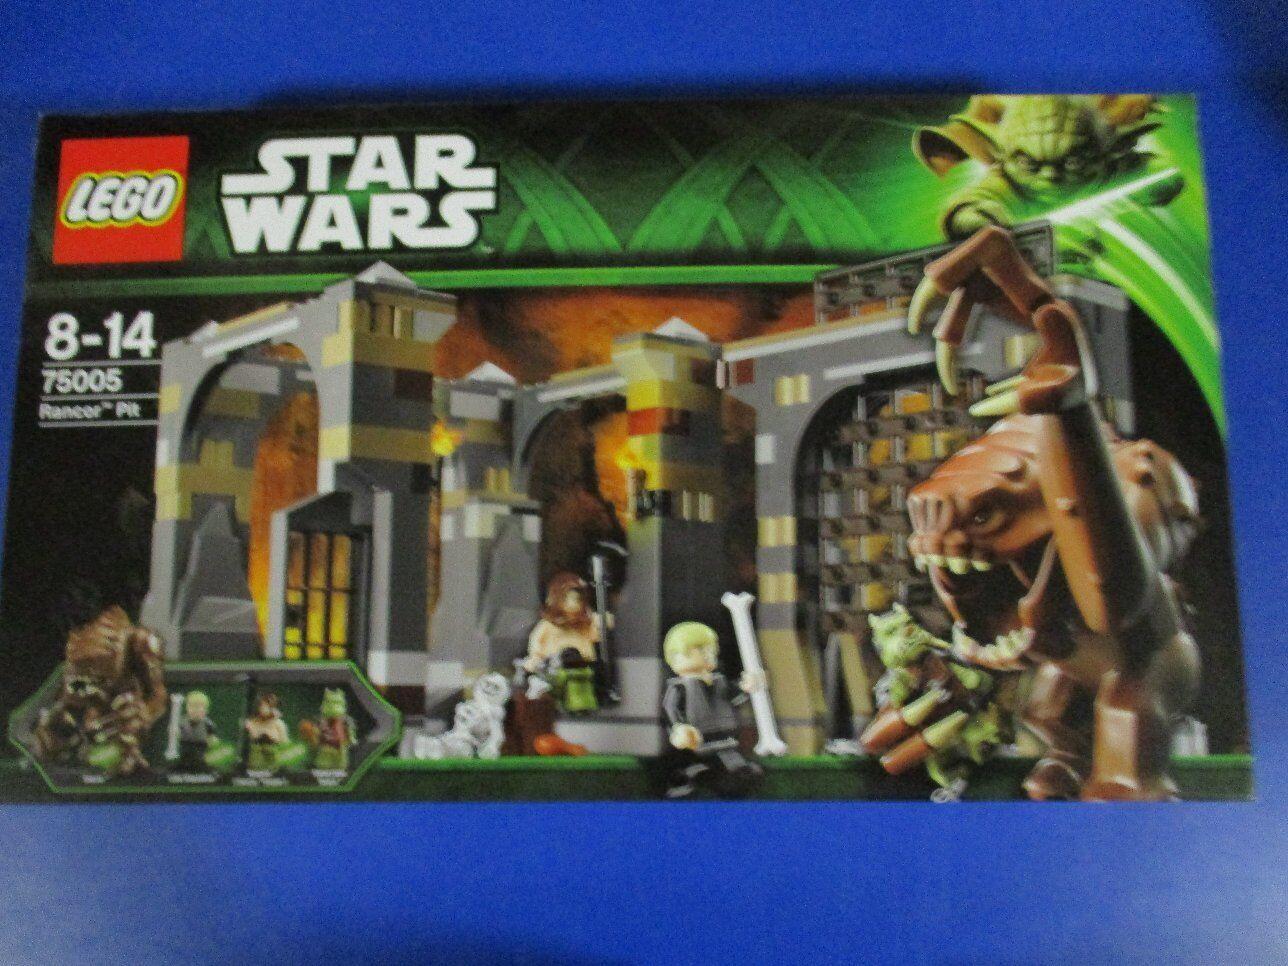 Lego Star Wars 75005 Rancor Pit nouveau  OVP  meilleur prix